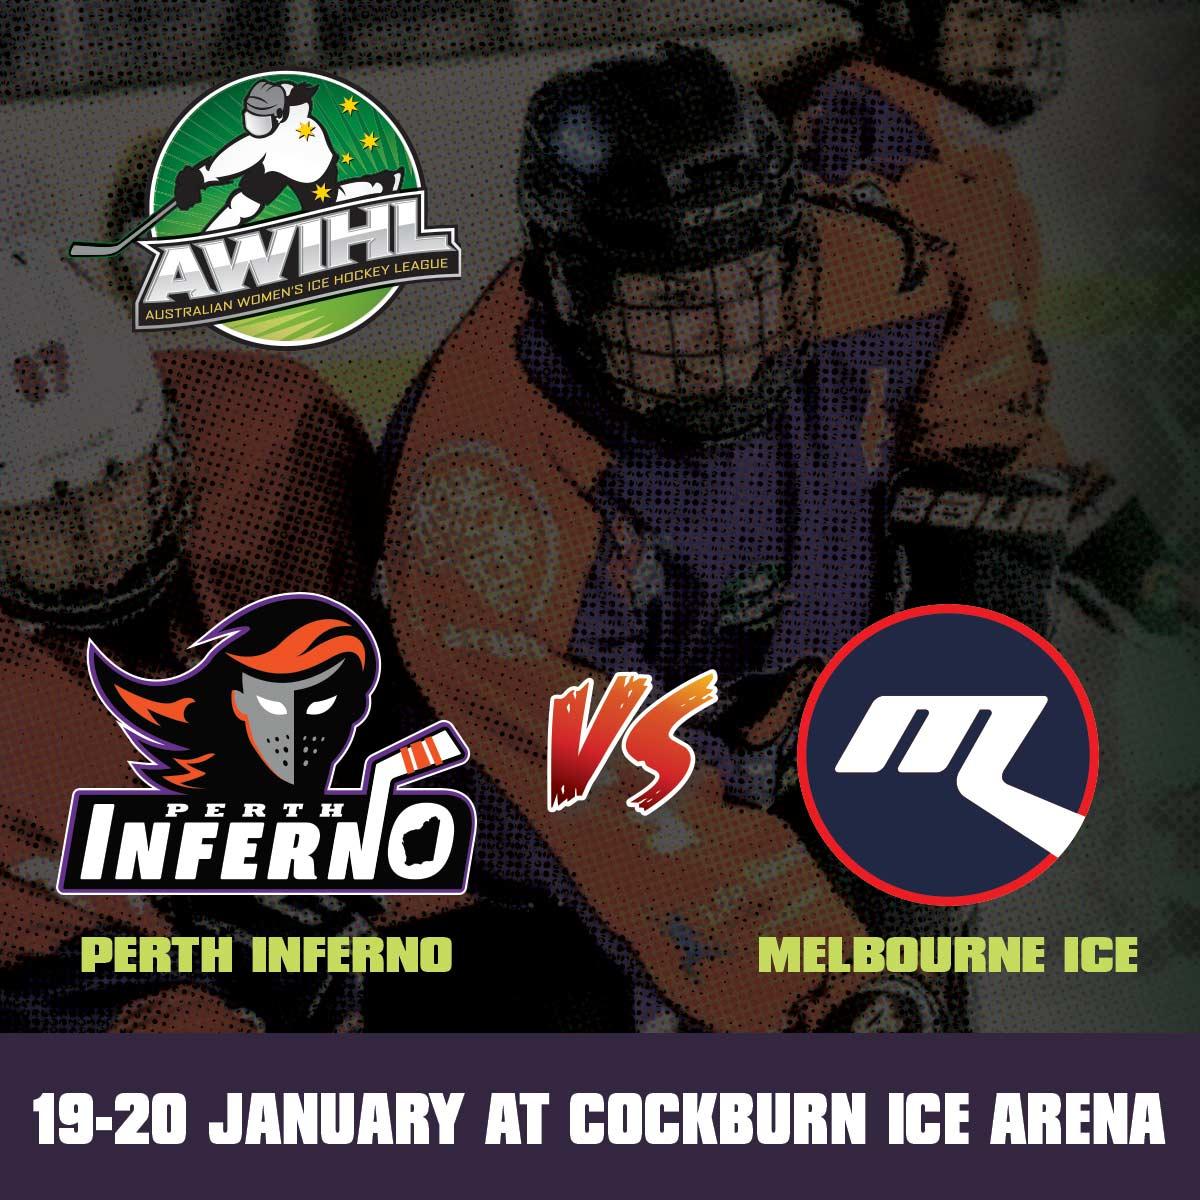 perth inferno vs melbourne ice